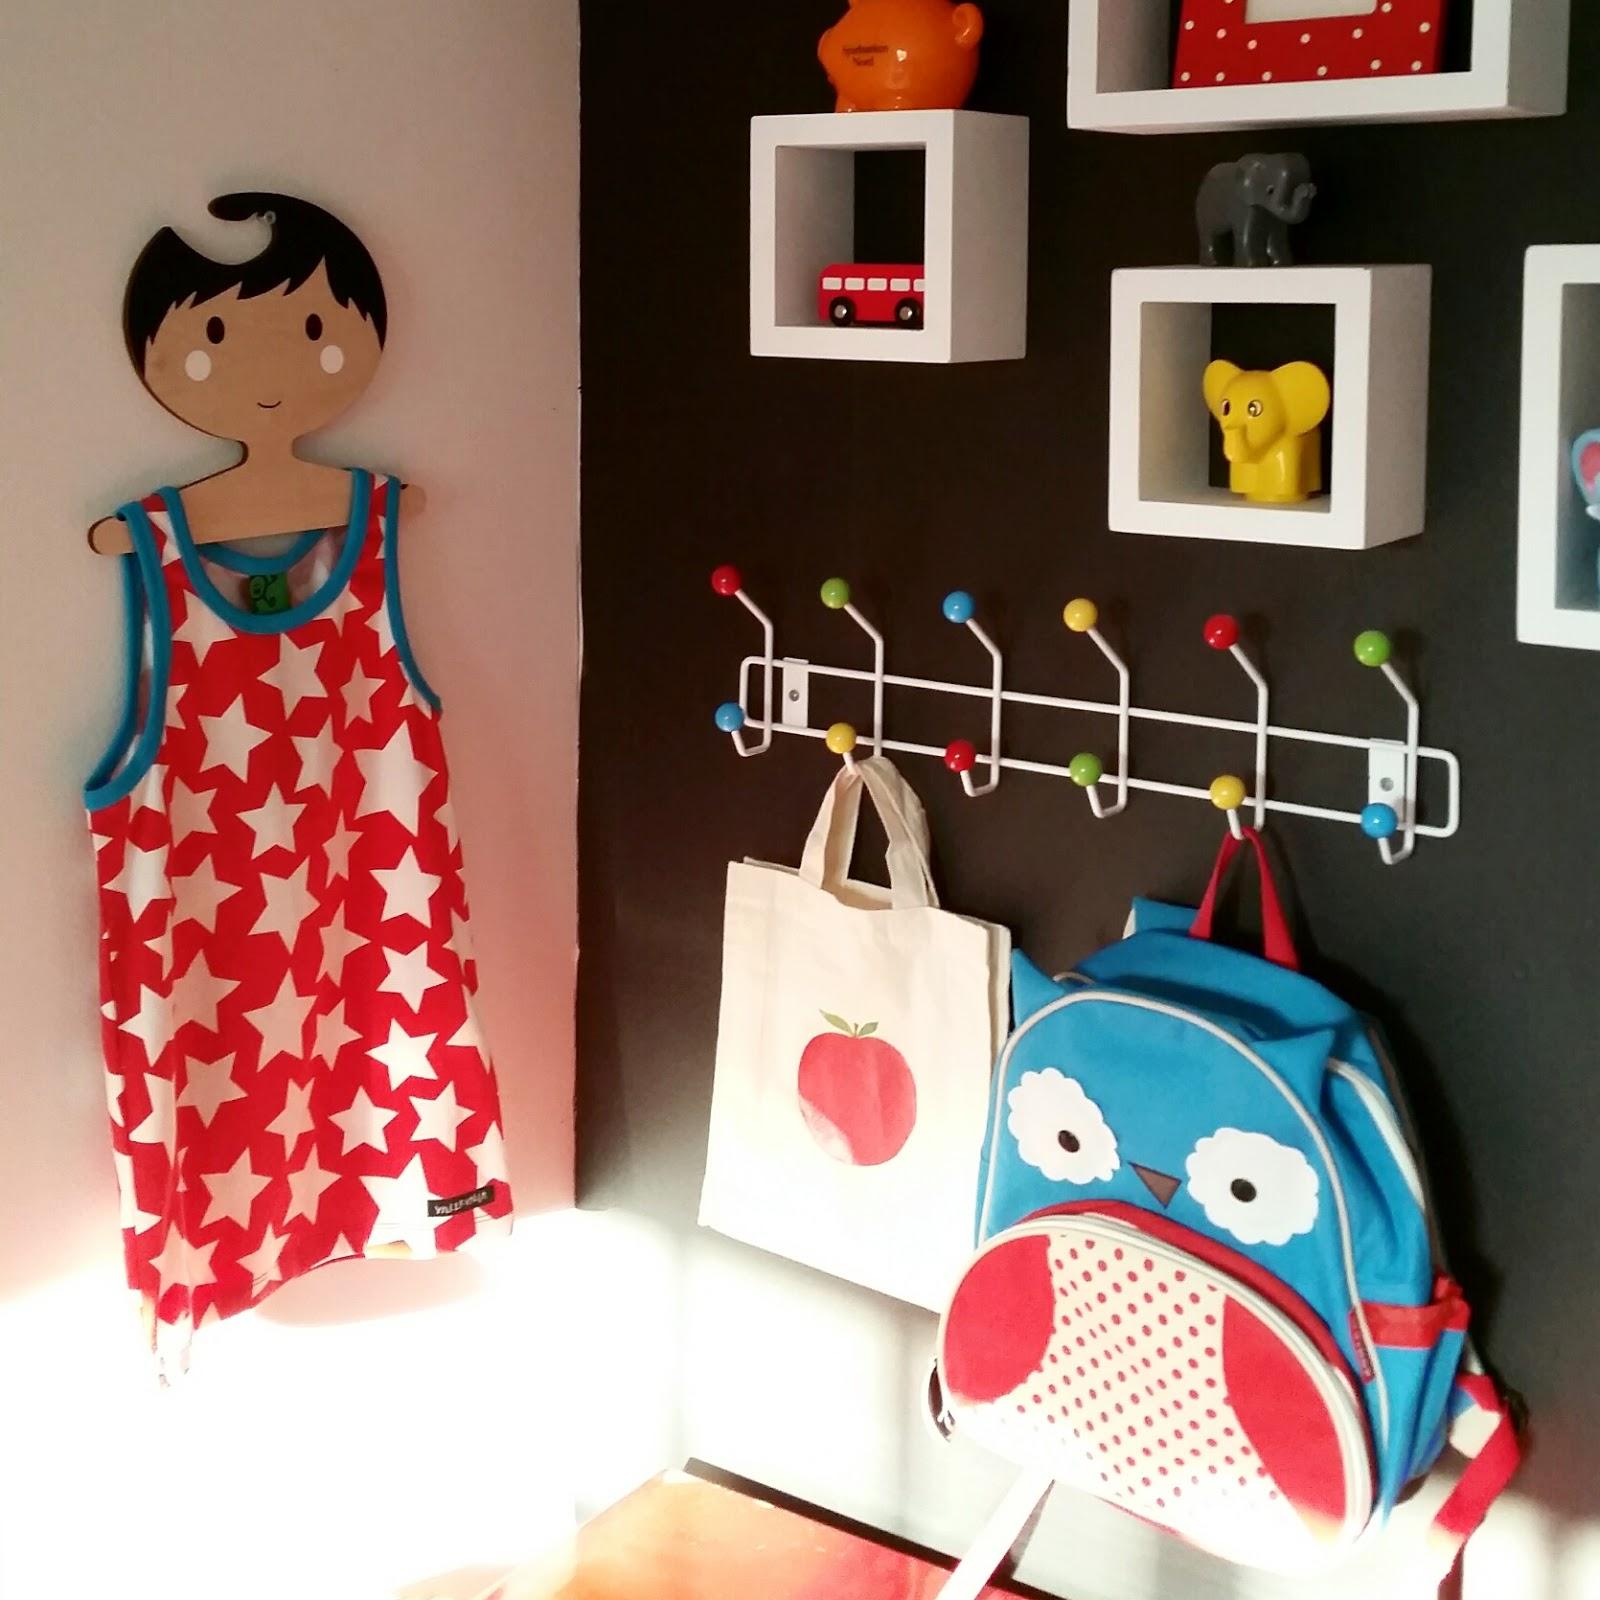 The 80s Me DIY, barnrum och inredning Red Hand Gang glada barn klädhängare